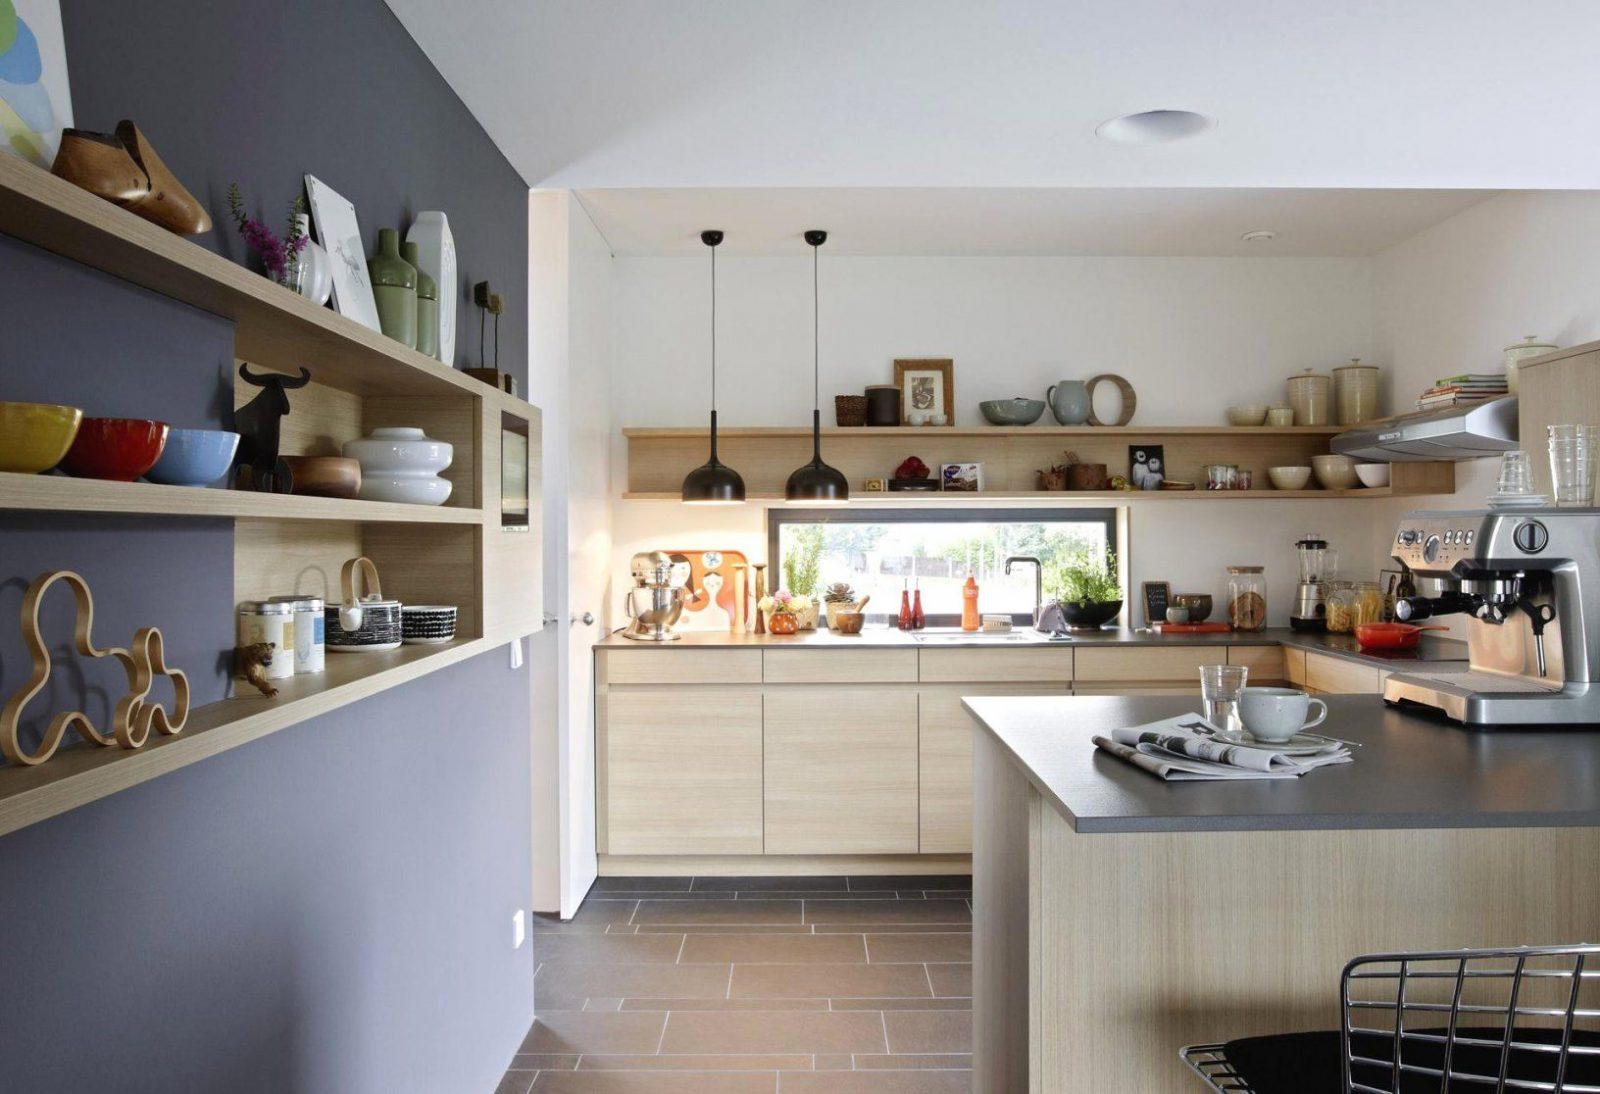 Angenehme Ideen Moderne Küchen Schöner Wohnen Und Wunderschöne von Moderne Küchen Schöner Wohnen Bild